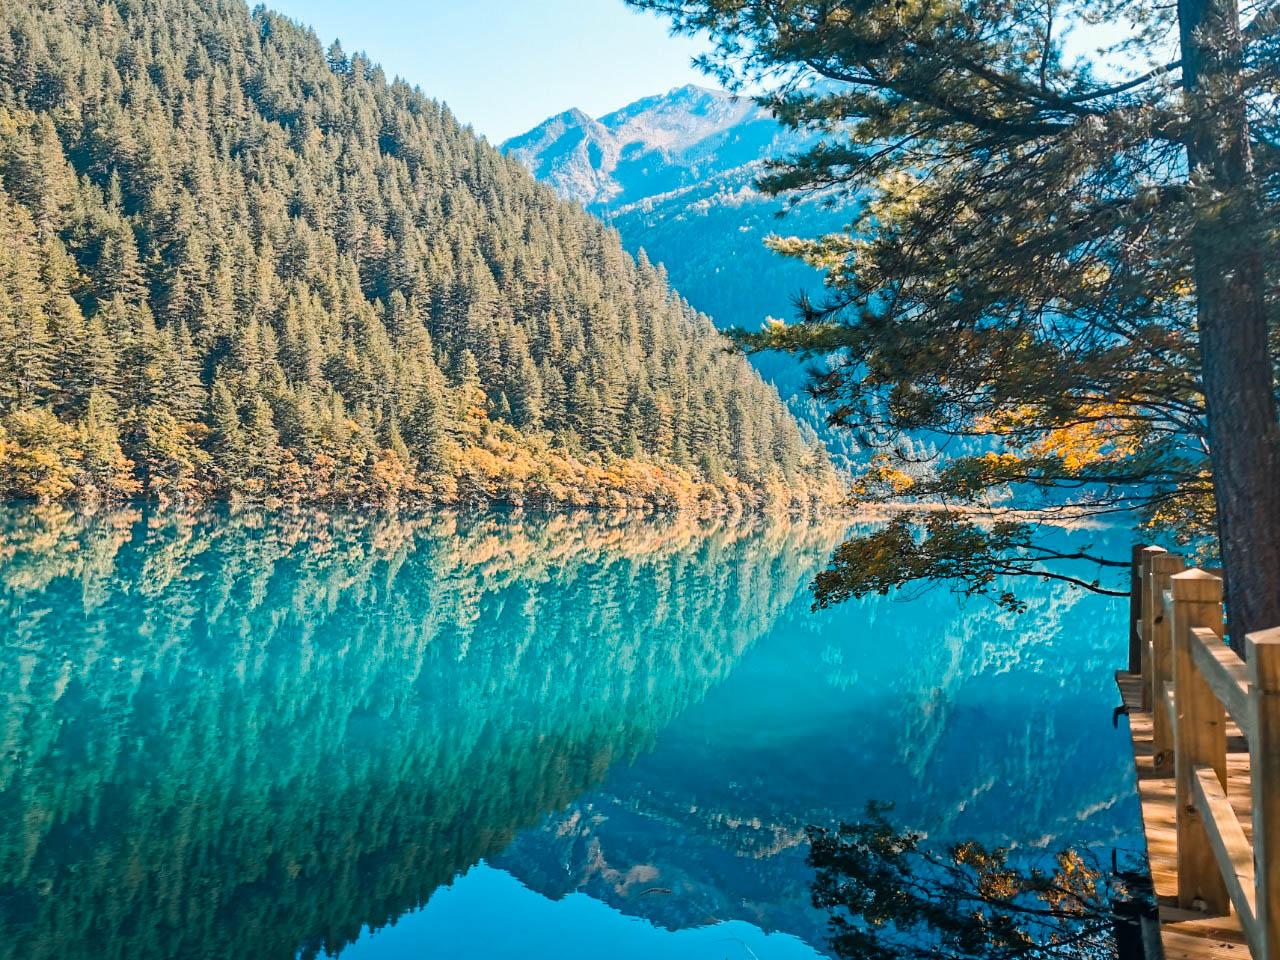 ทะเลสาบซู่เจิ้ง ทัวร์จีน ทัวร์จิ่วจ้ายโก Jiuzhaigo